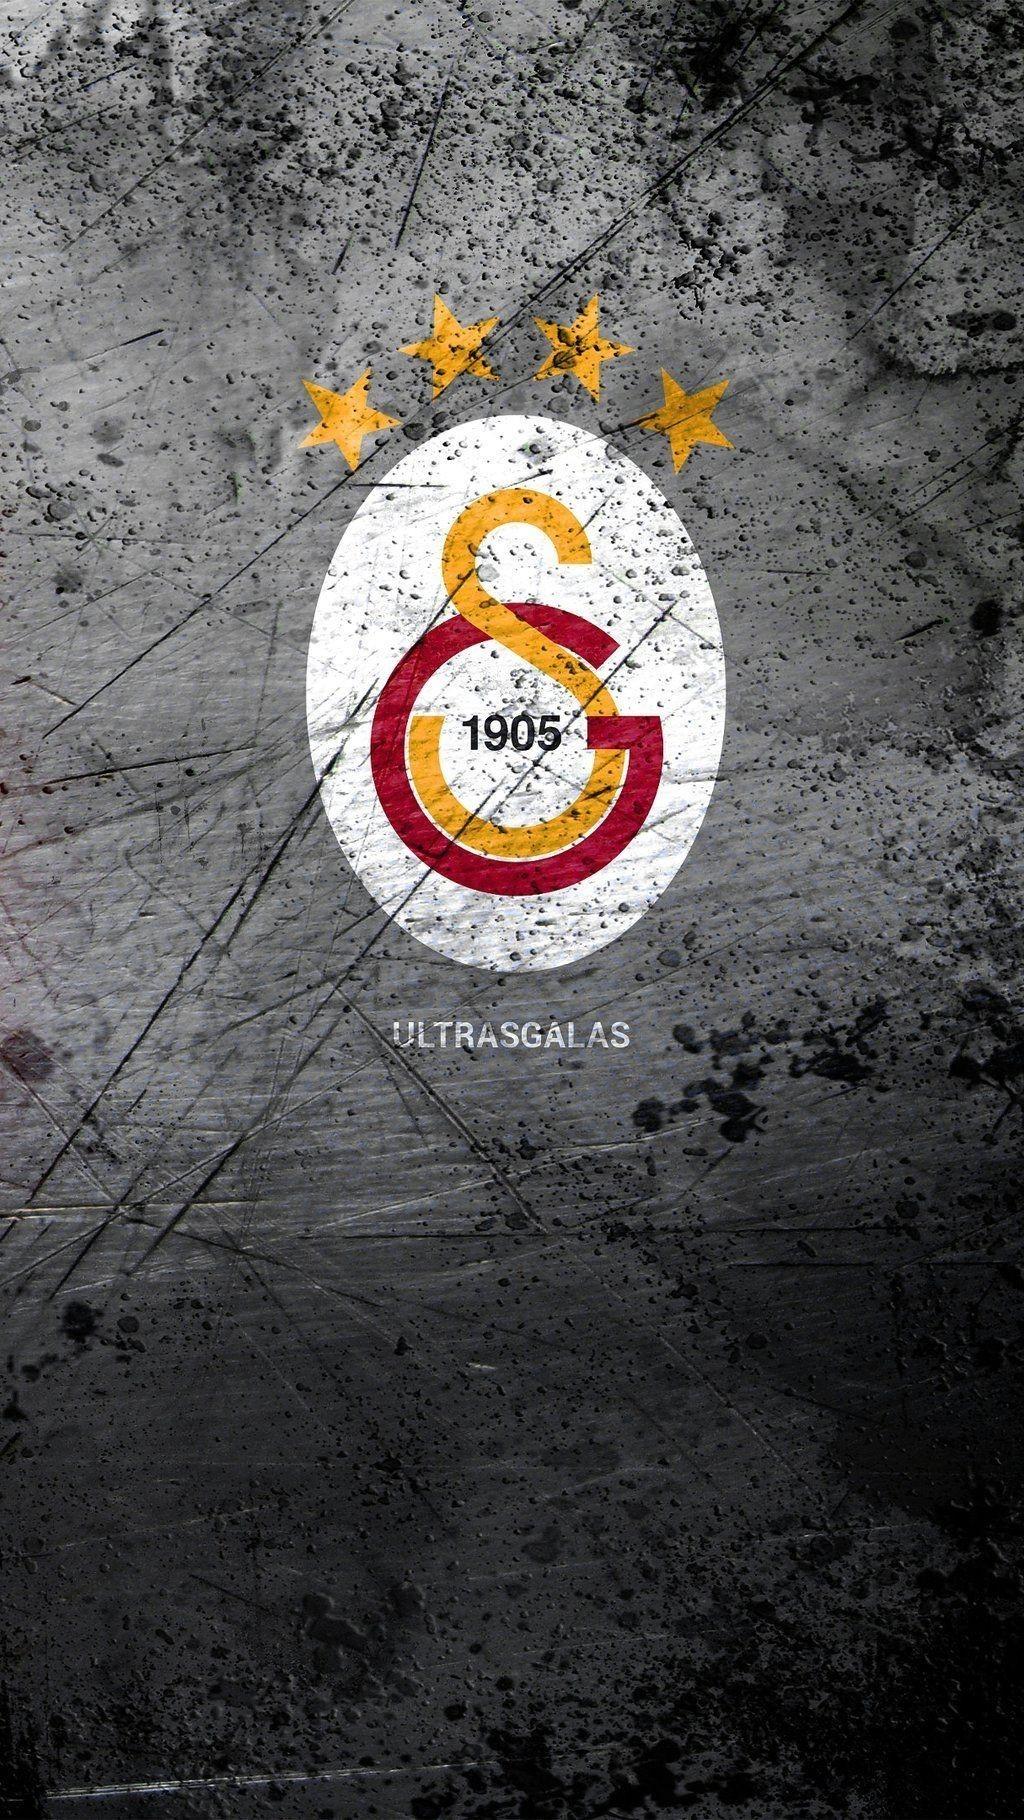 Galatasaray Ultraaslan Ekran Resimleri Telefon